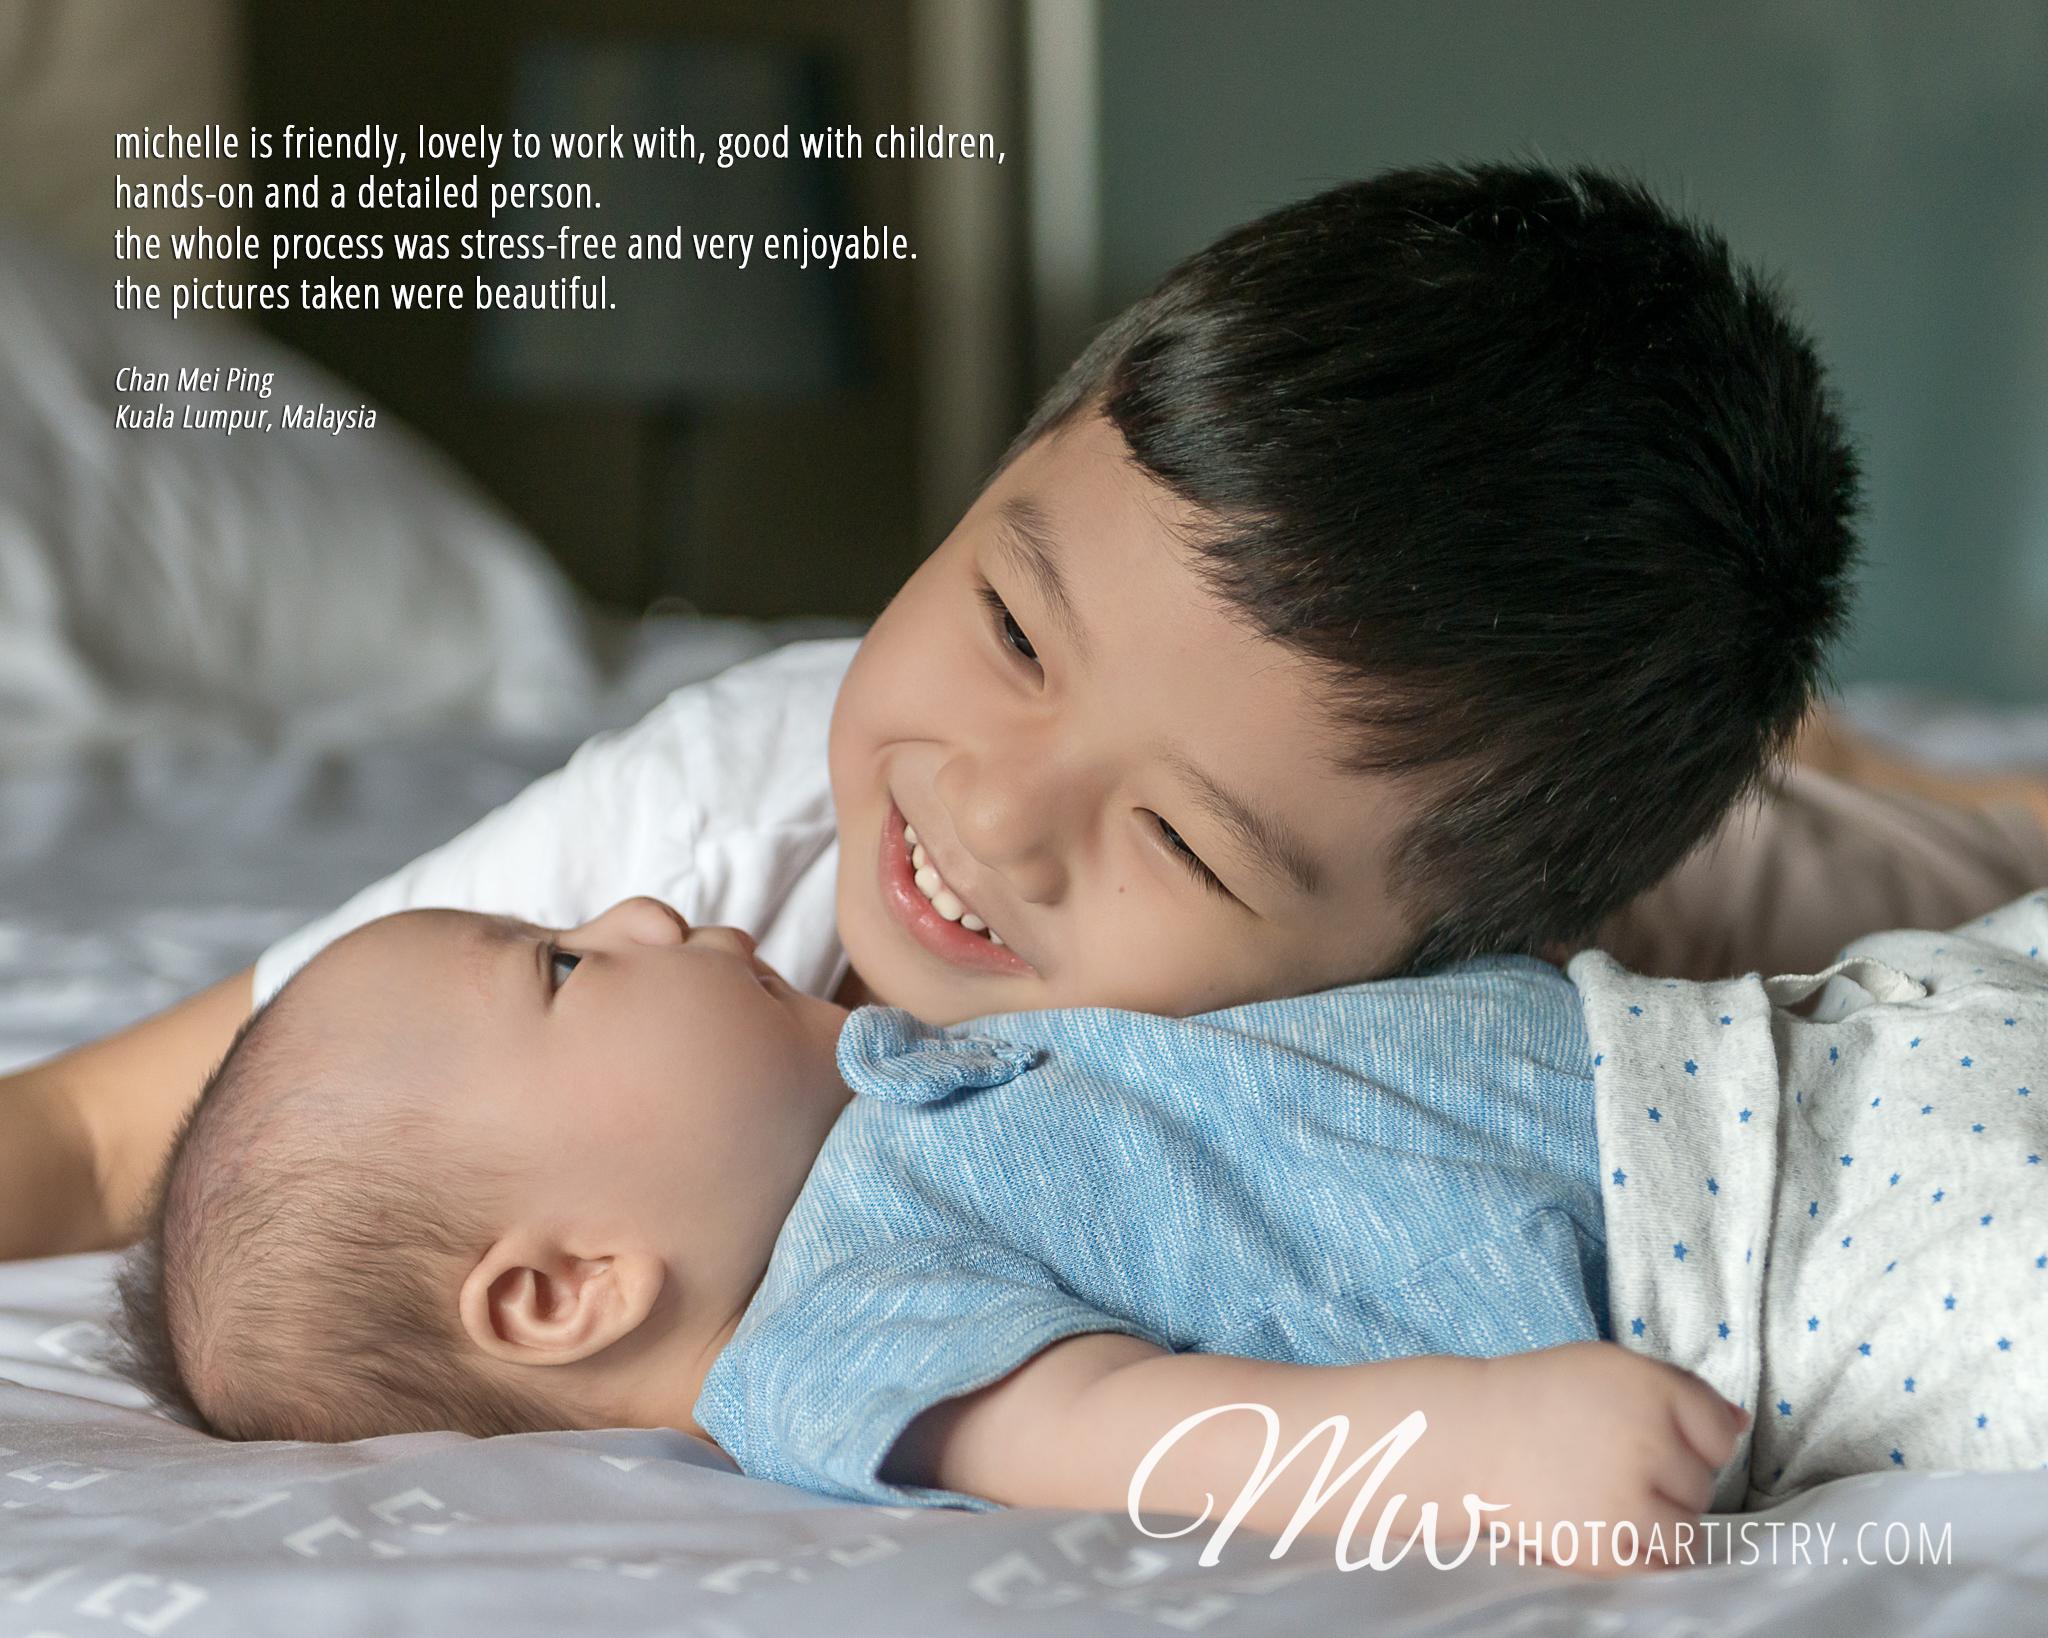 Malaysia Kuala Lumpur Kuching Newborn Baby Lifestyle Photographer Testimonial Photo 02.jpg